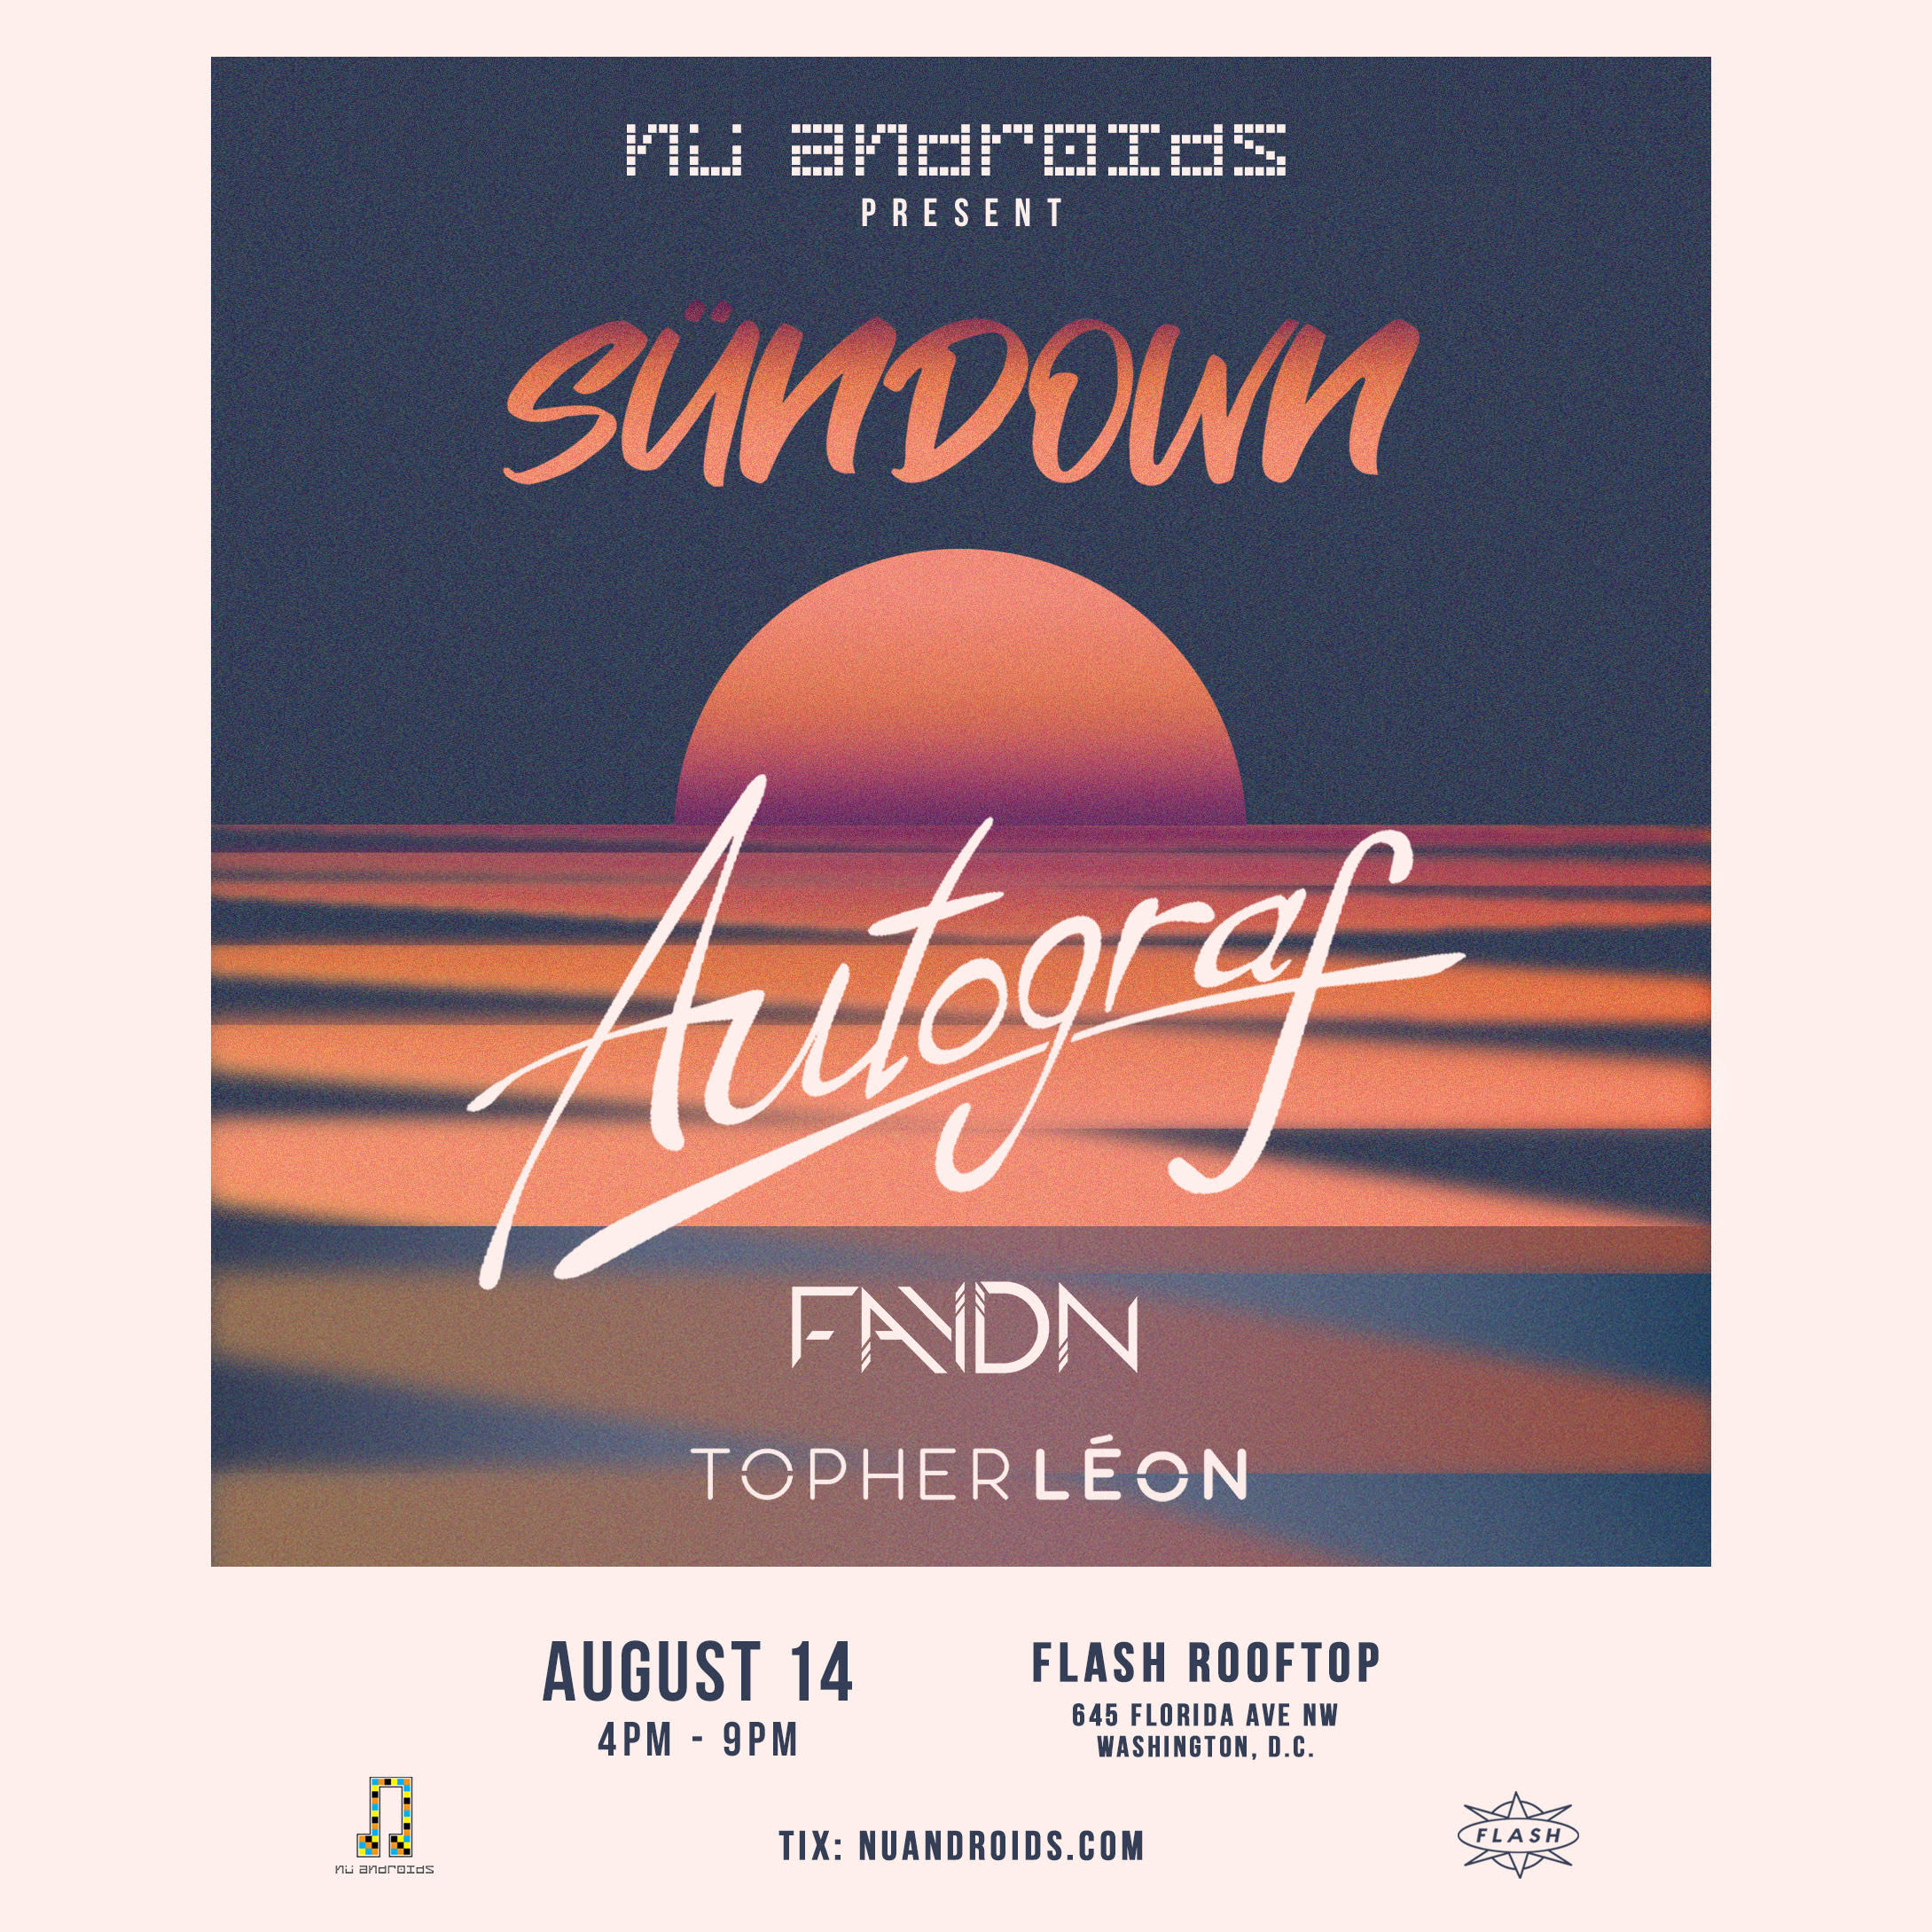 SünDown: Autograf event thumbnail